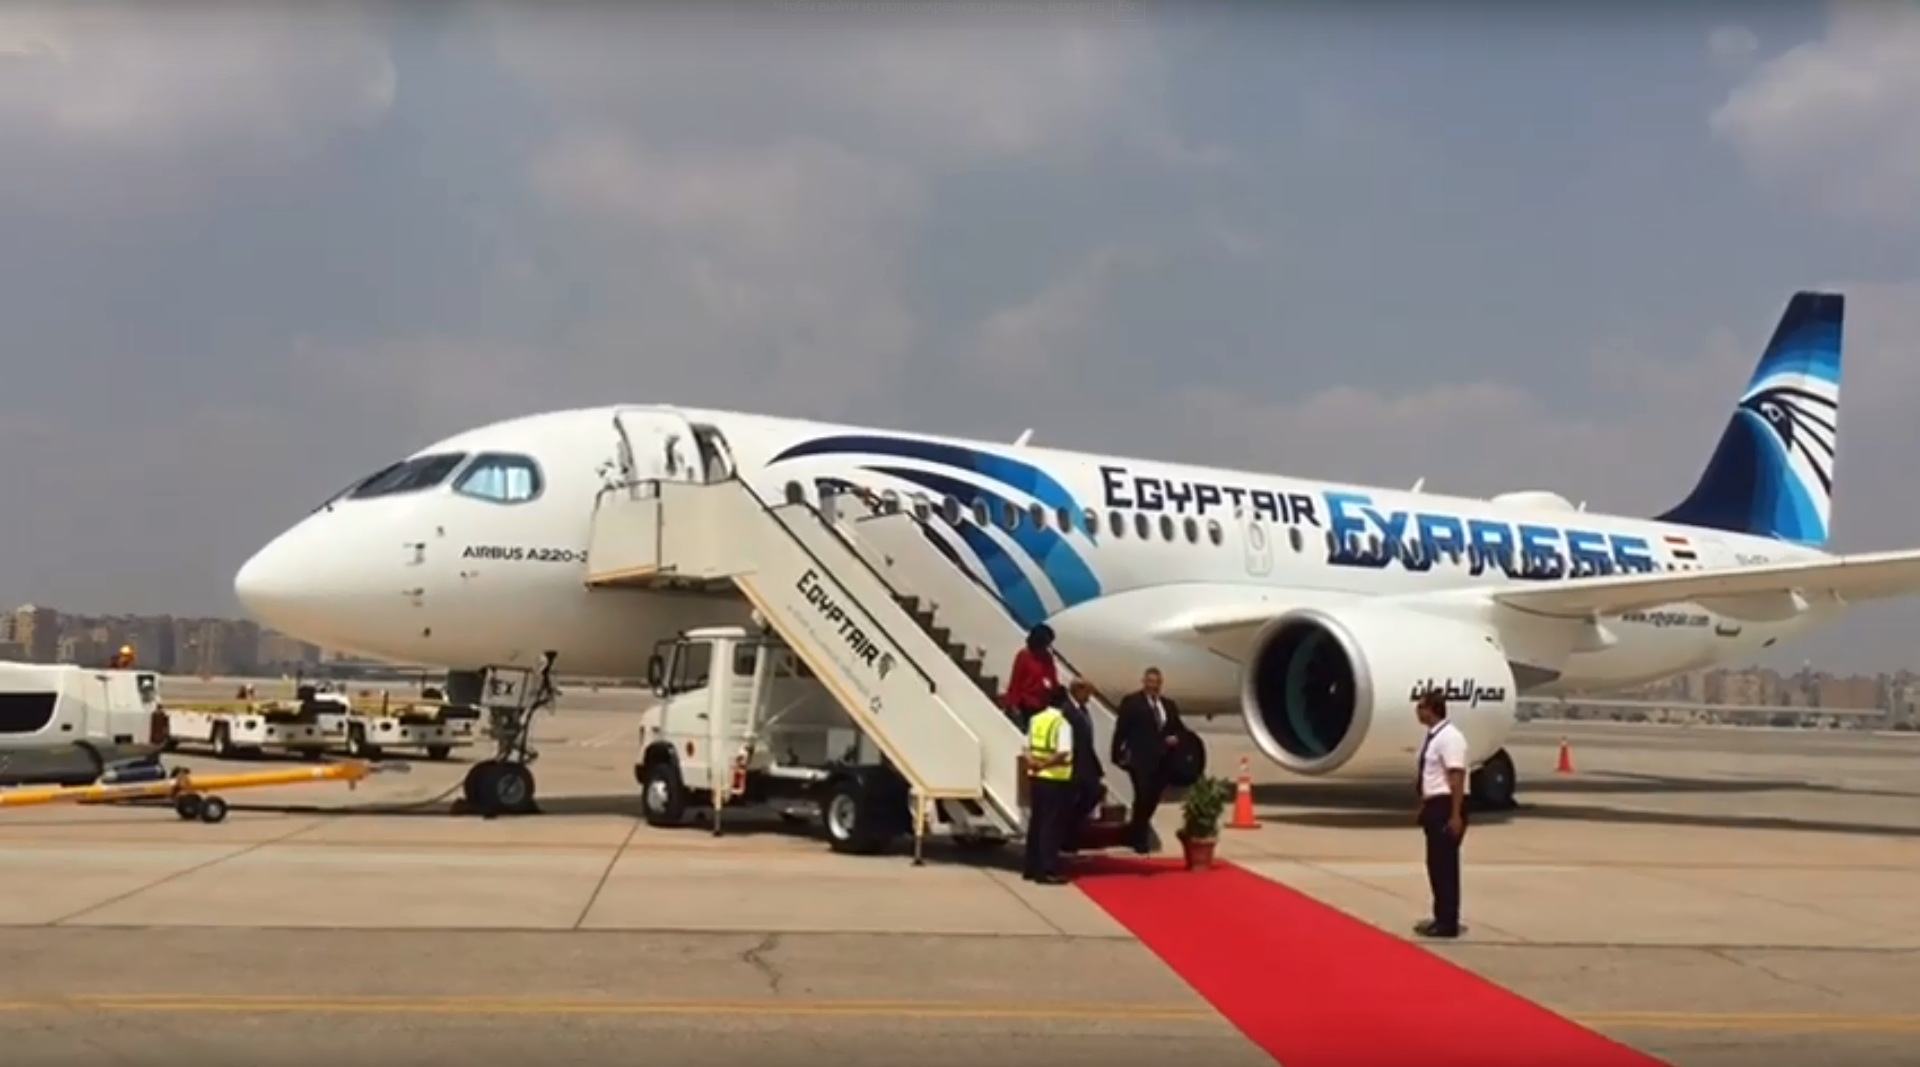 شاهد.. طائرة جديدة تنضم لأسطول مصر الجوي